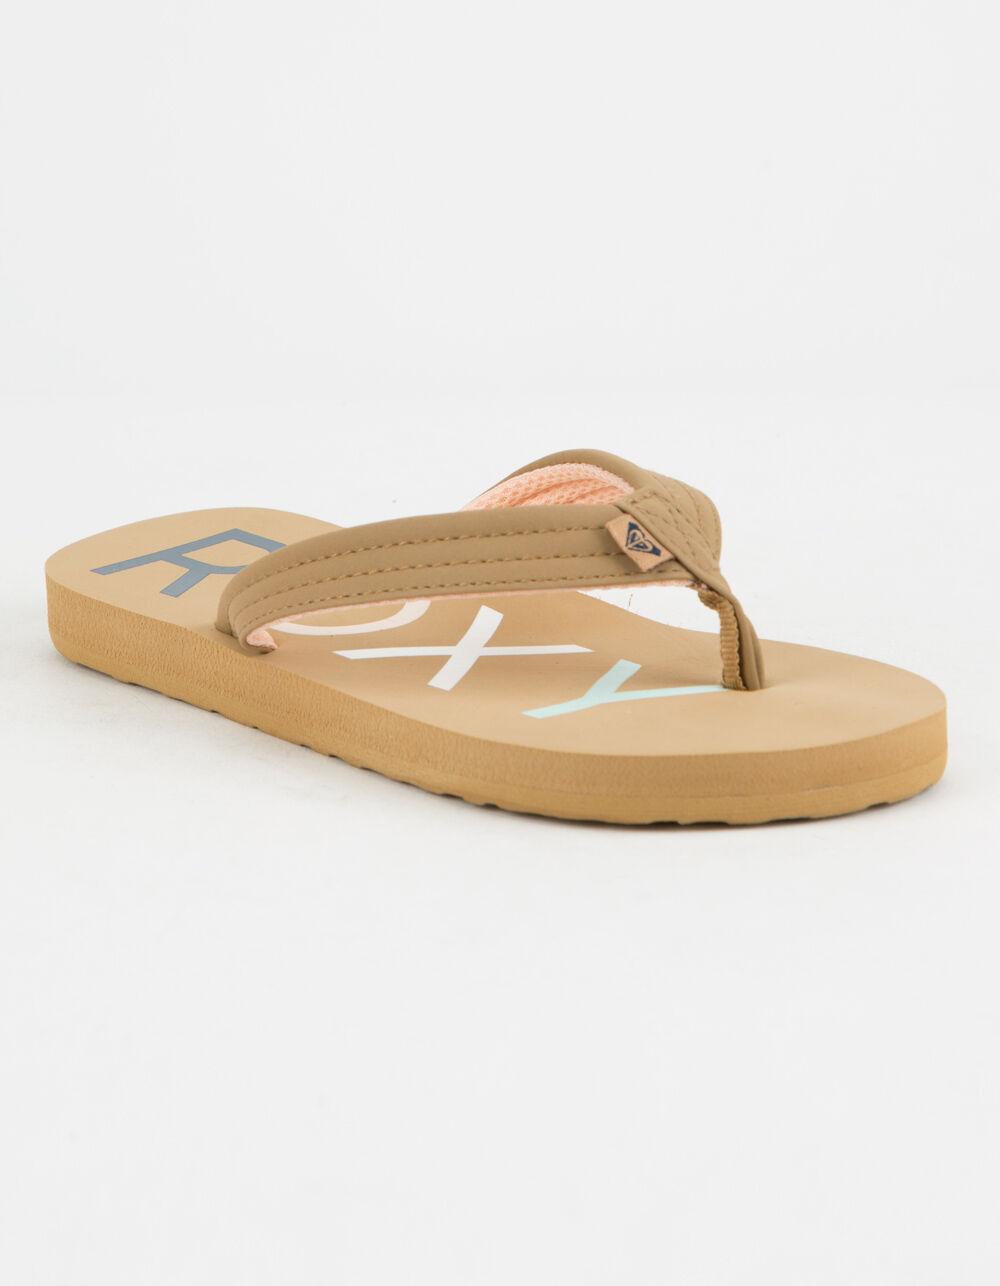 ROXY Vista II Tan Girls Sandals